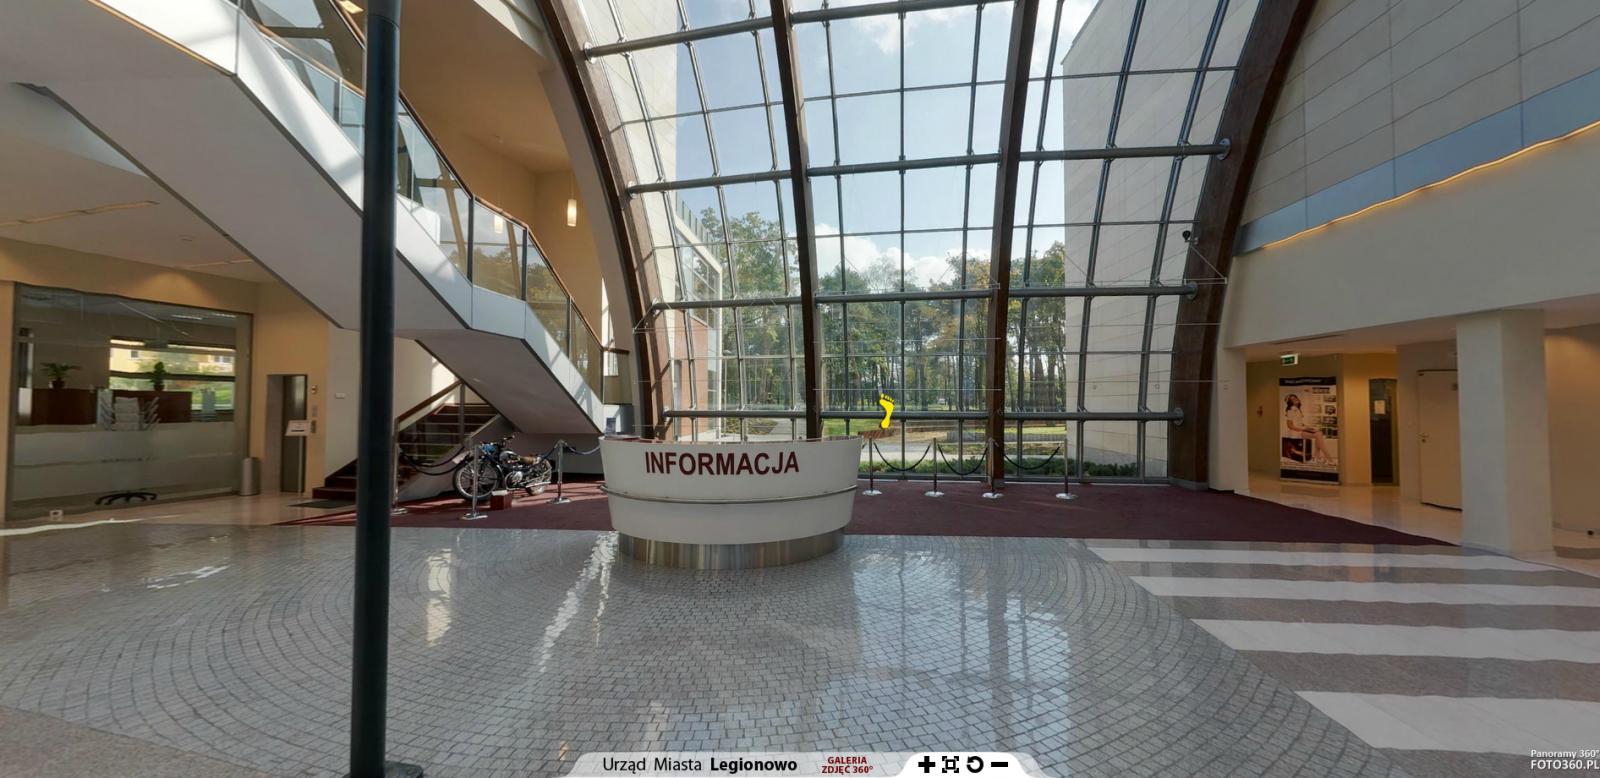 Wirtualny spacer jest aplikacją, która umożliwia w sposób prosty i wygodny obejrzeć od wewnątrz budynek legionowskiego ratusza.